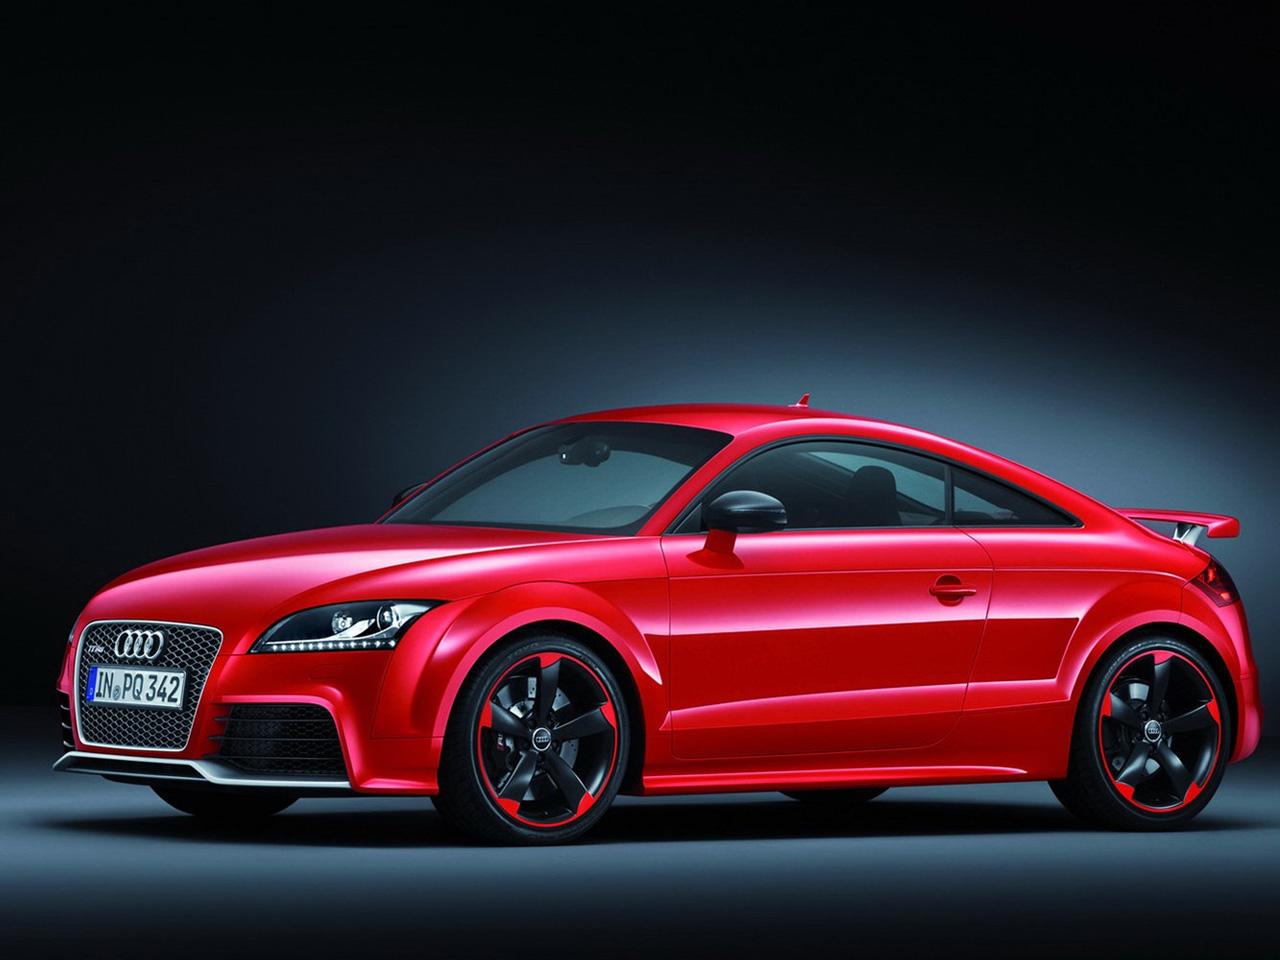 melkyaditya.blogspot.com: 2013 Audi TT RS Plus Review